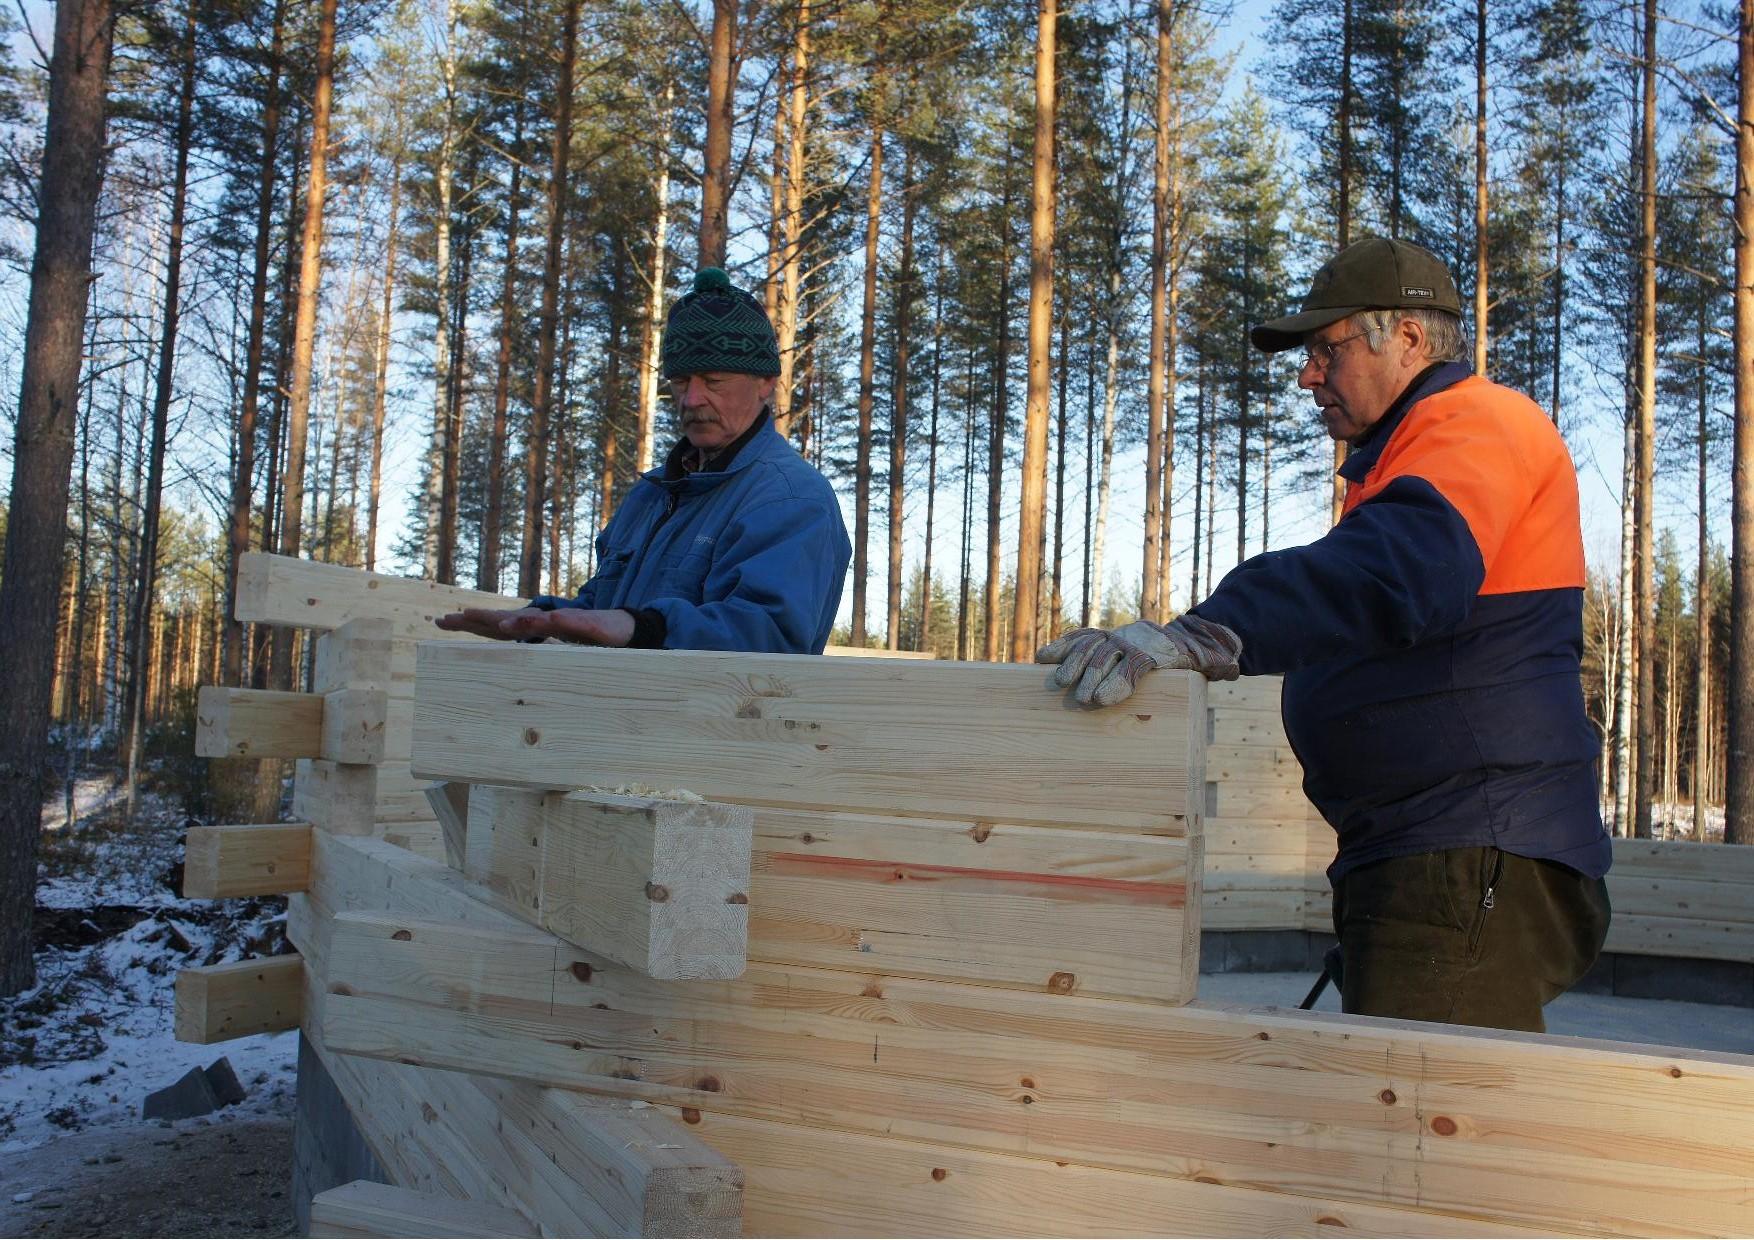 Nurkan asentaminen käynnissä Eero Väänänen ja Raimo Saviranta.